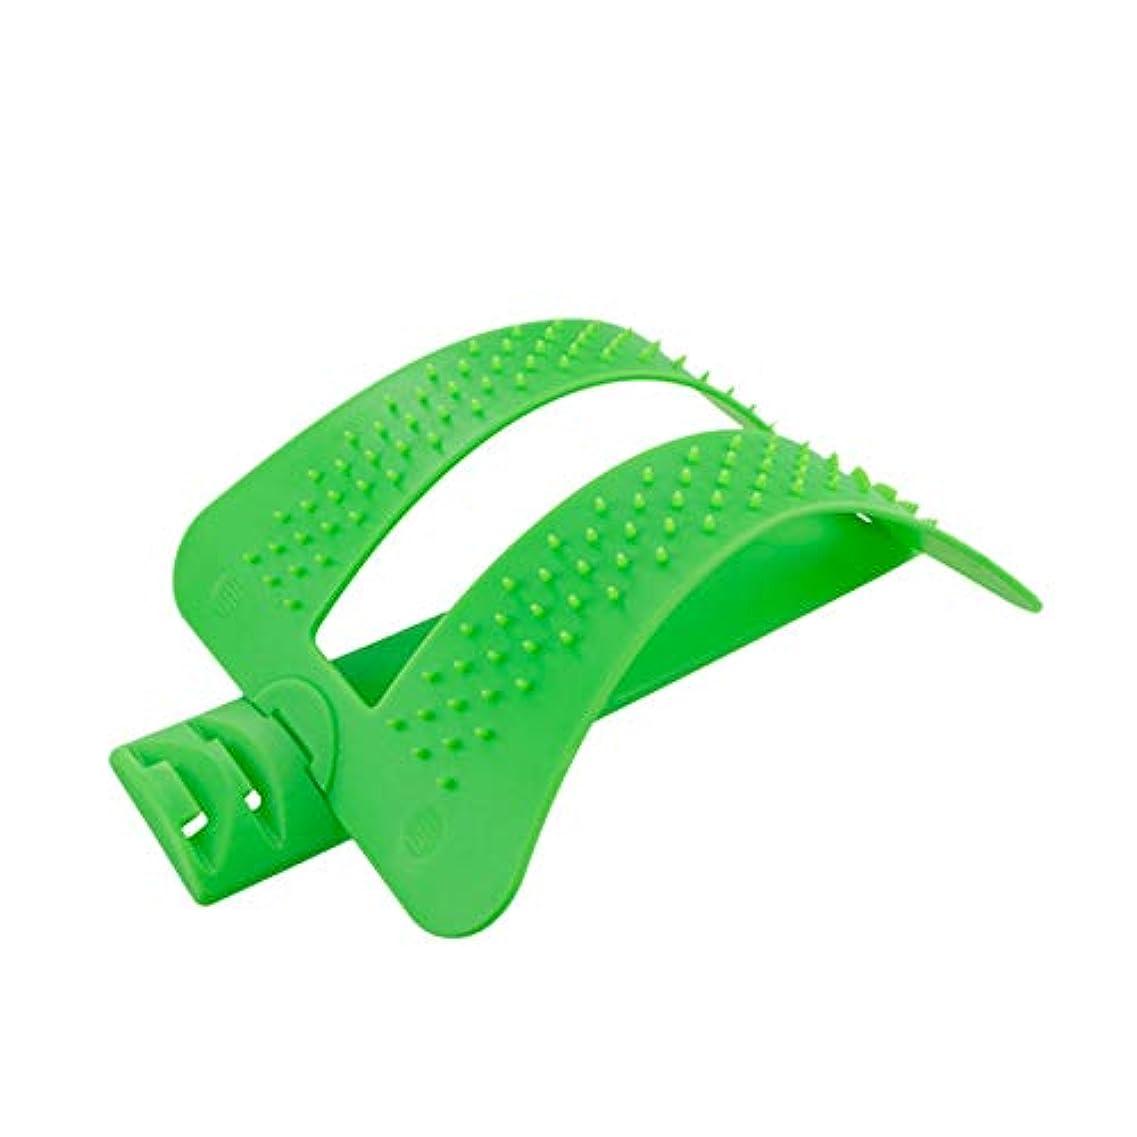 プラスチックビザ繰り返したACAMPTAR 背中のマッサージストレッチング装置 背中のマッサージ 指圧ストレッチャーフィットネス機器 ストレッチリラックス メイトストレッチャー腰椎サポート 脊椎の痛みを和らげるカイロプラクティック(グリーン)